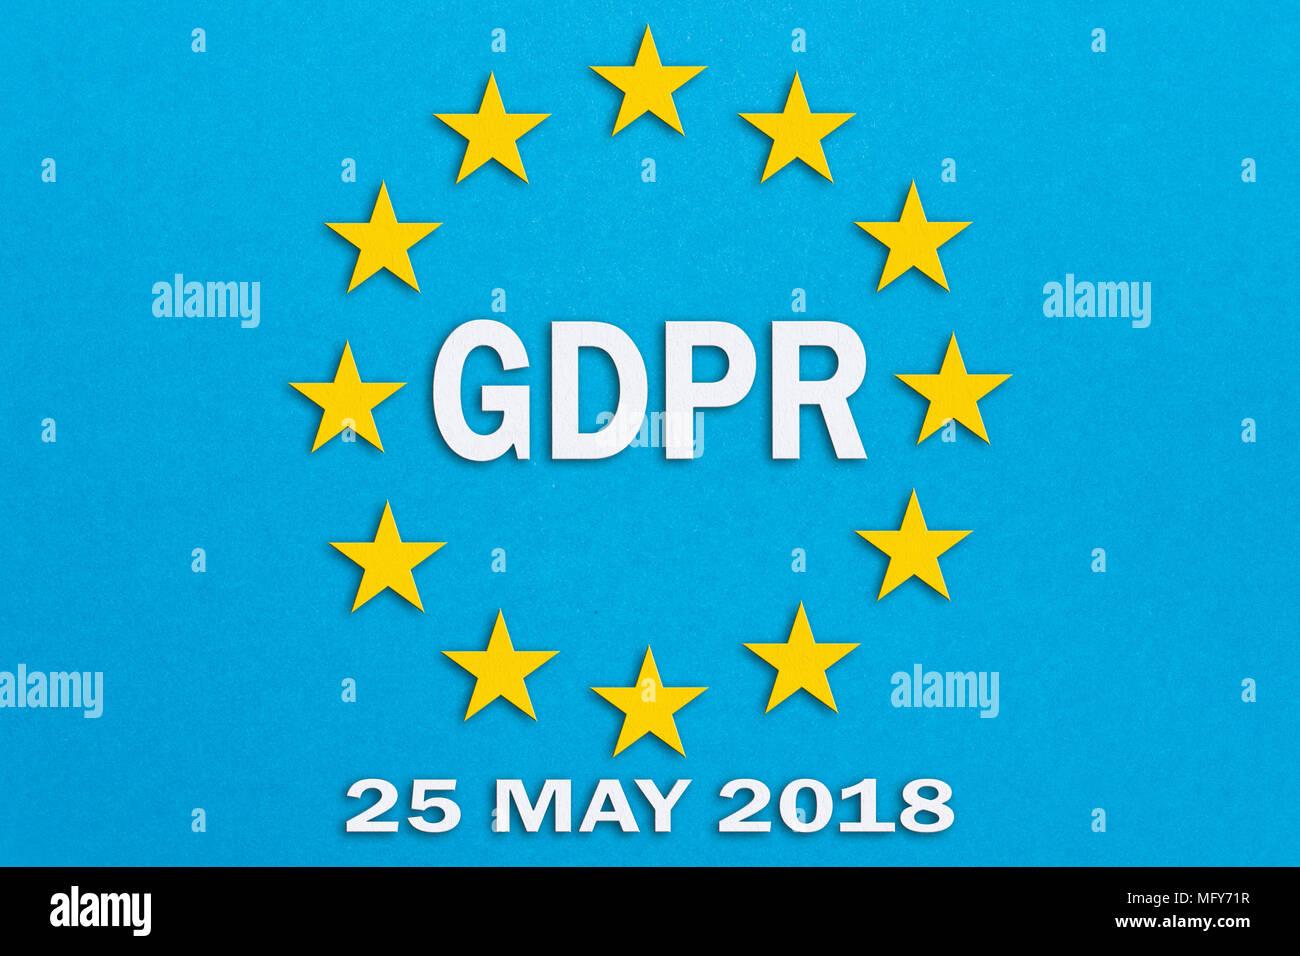 GDPR y la bandera de la Unión Europea sobre fondo azul. La ilustración en técnica de papercut.Concepto de regulación general de protección de datos . Imagen De Stock